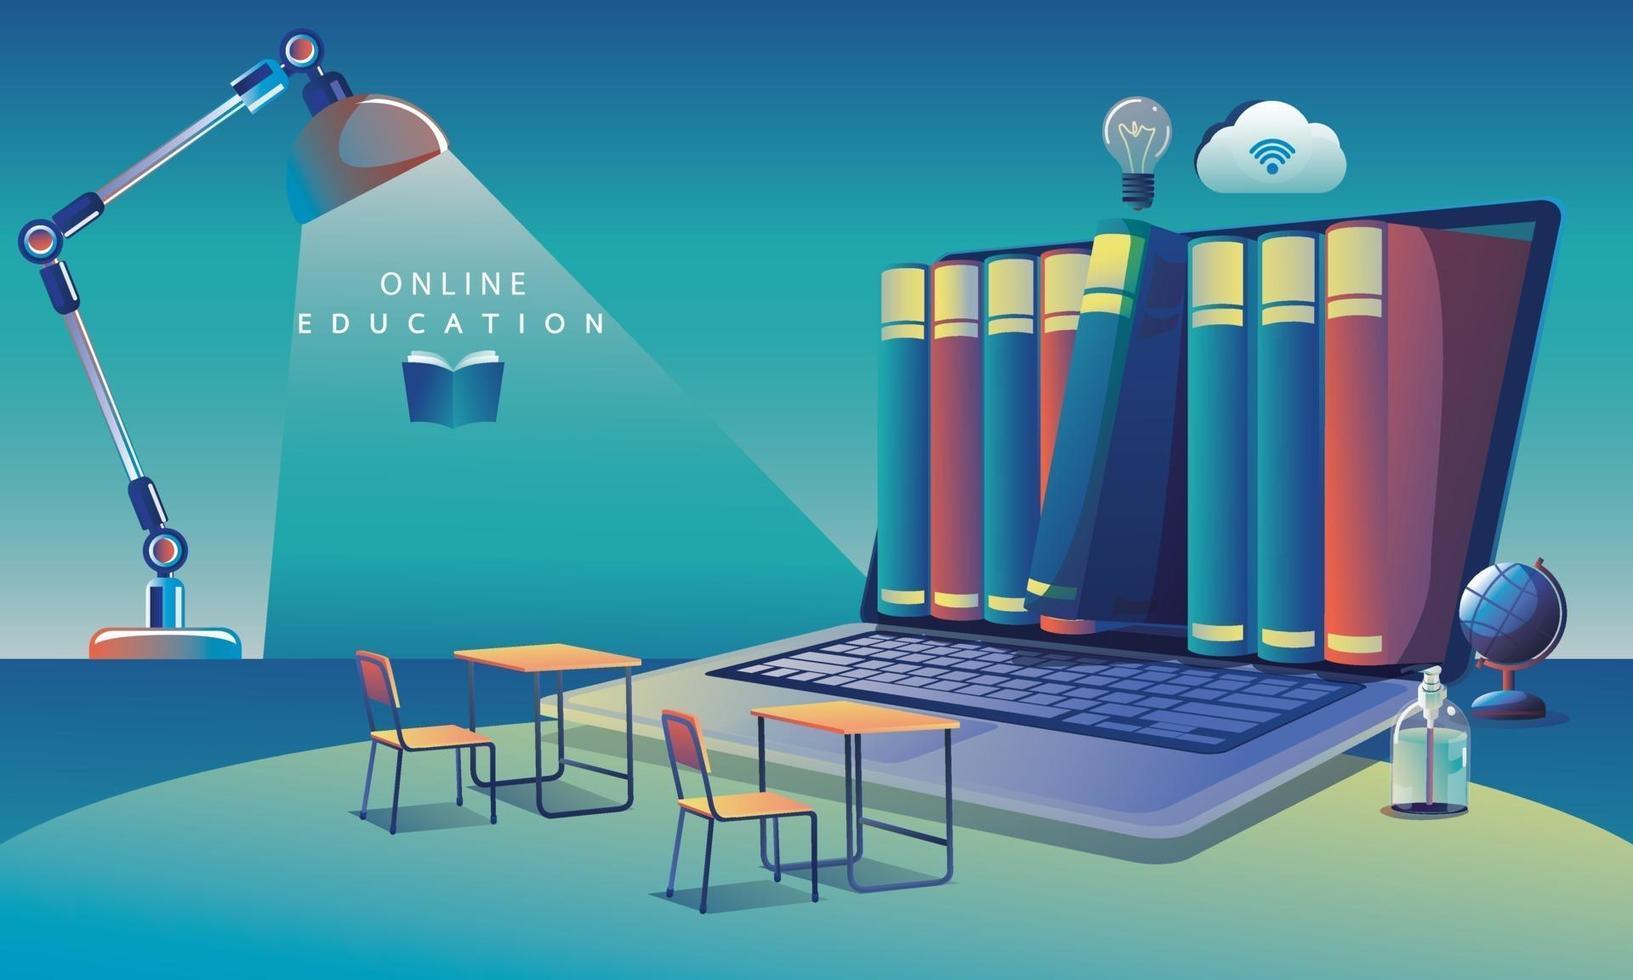 aprendizagem de aplicativo de educação online em todo o mundo no computador, plano de fundo do site móvel. conceito de distância social. o curso de treinamento em sala de aula, ilustração vetorial de biblioteca plana vetor